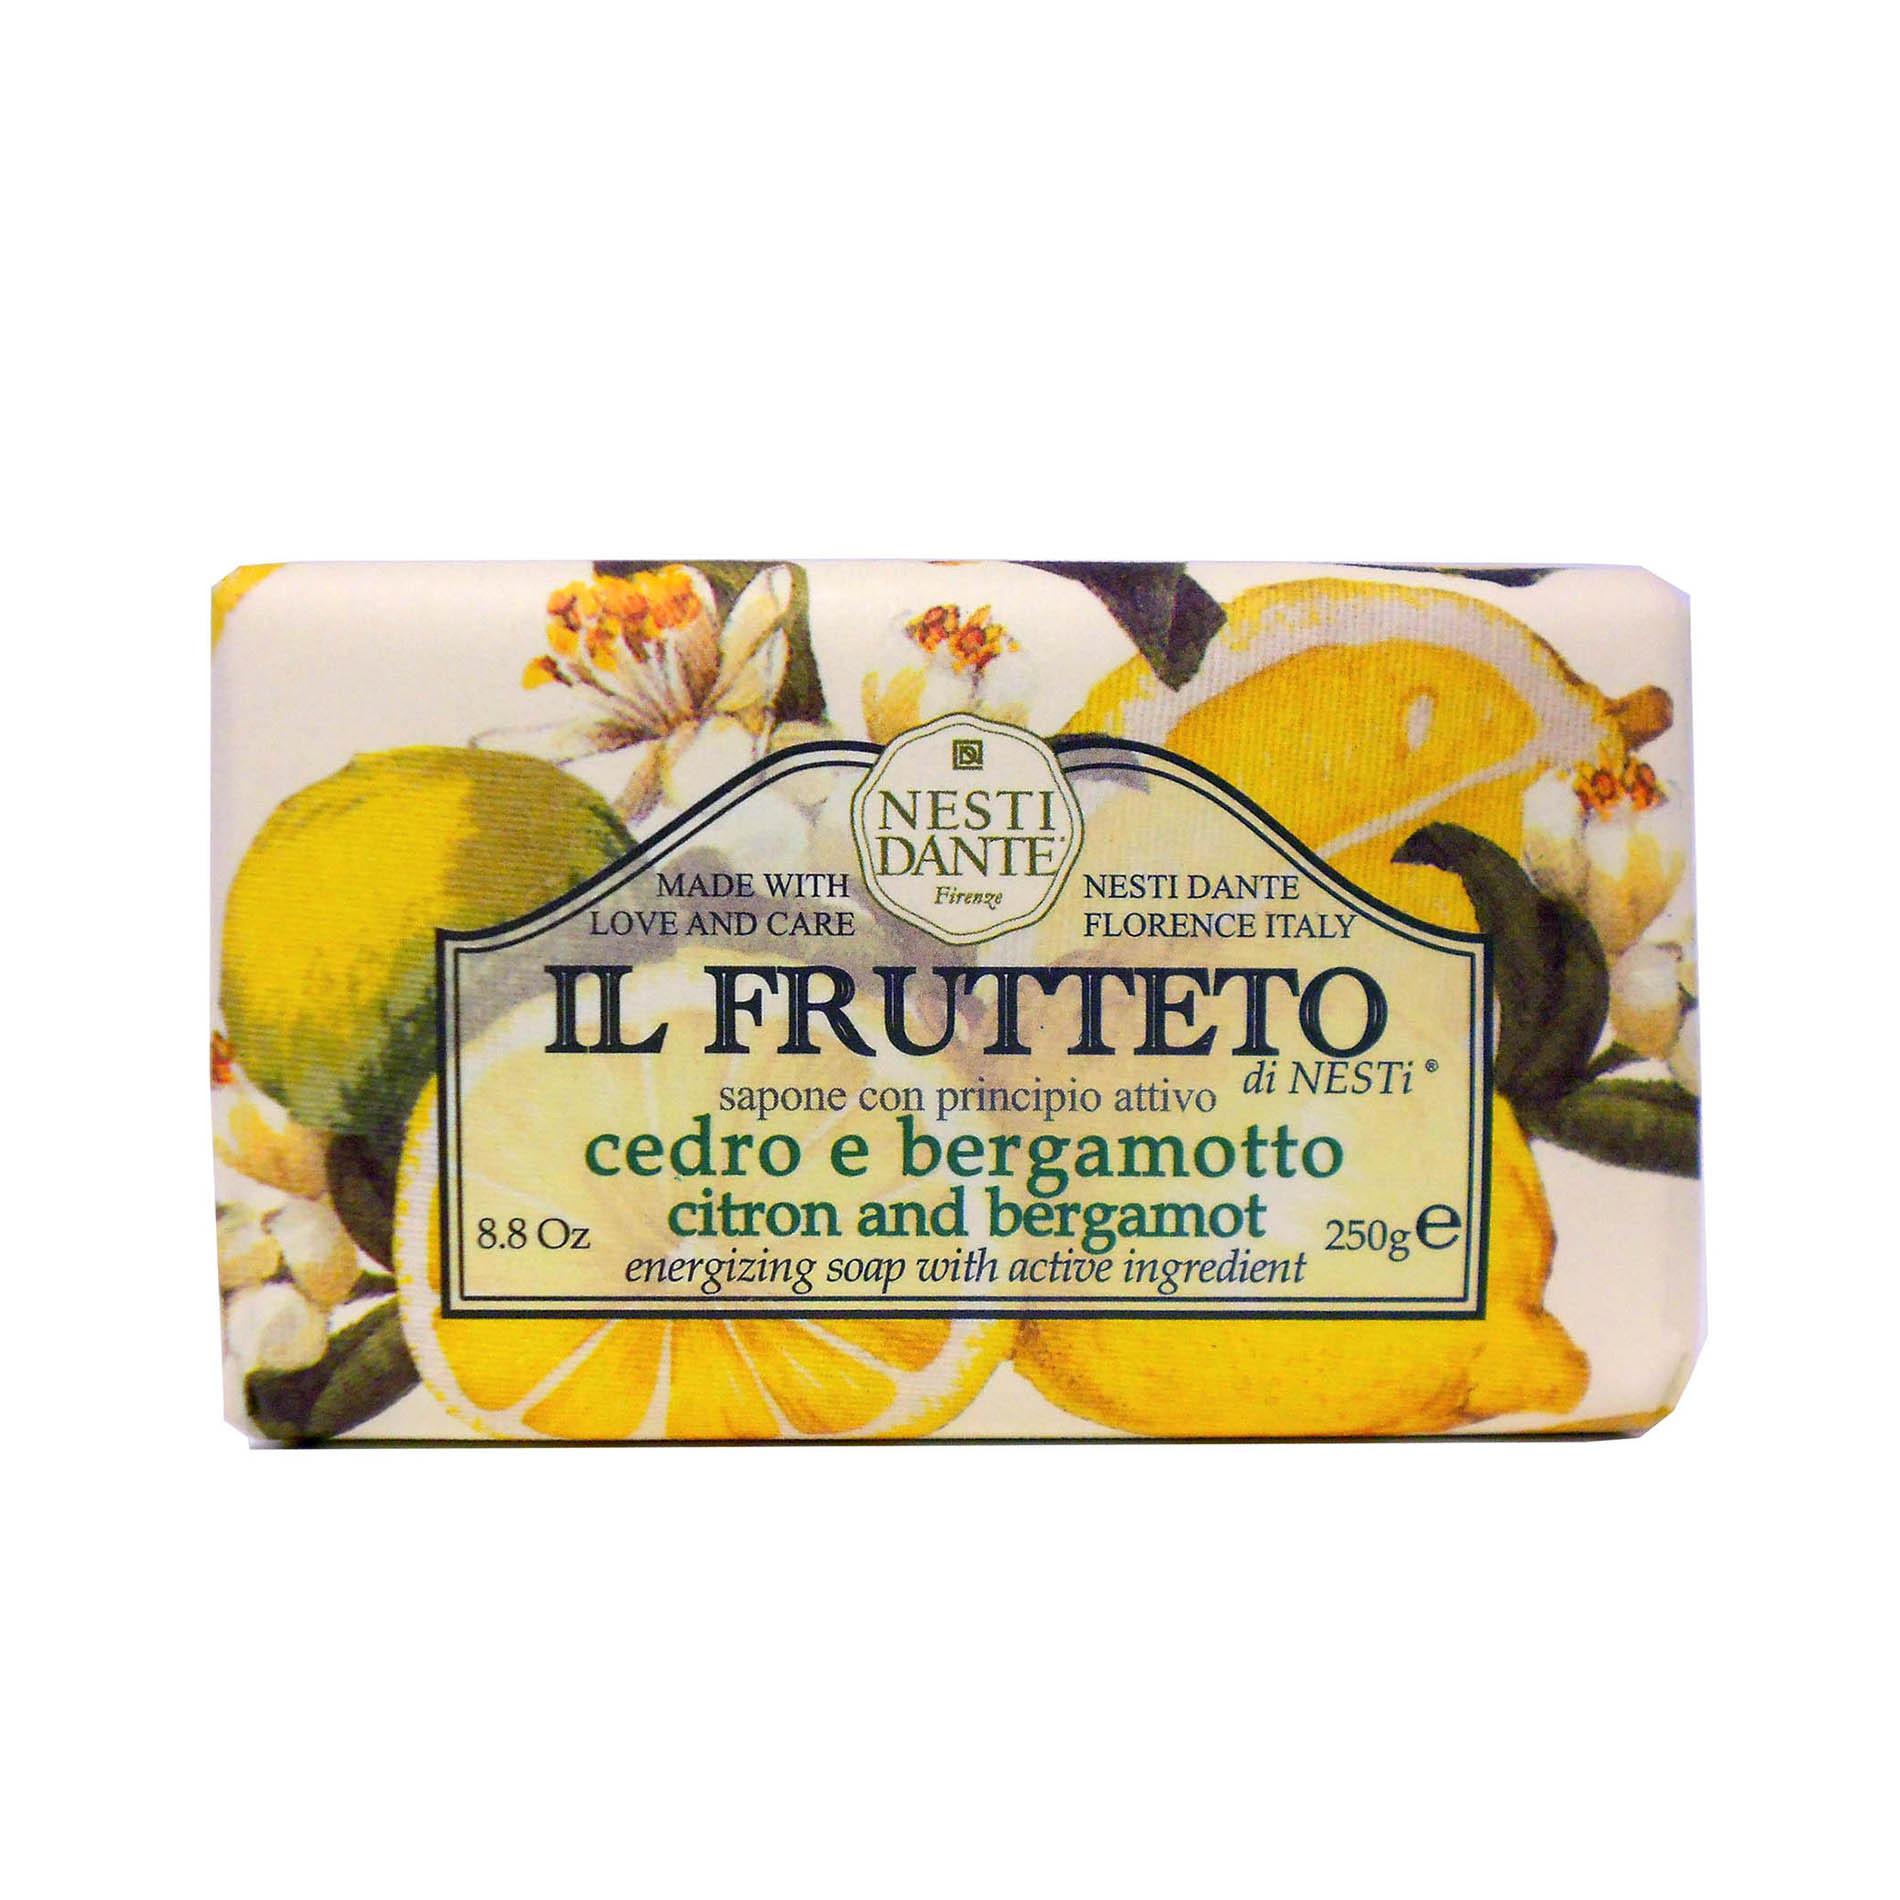 Il Frutteto - Cedro E Bergamotto, Giallo, large image number 0